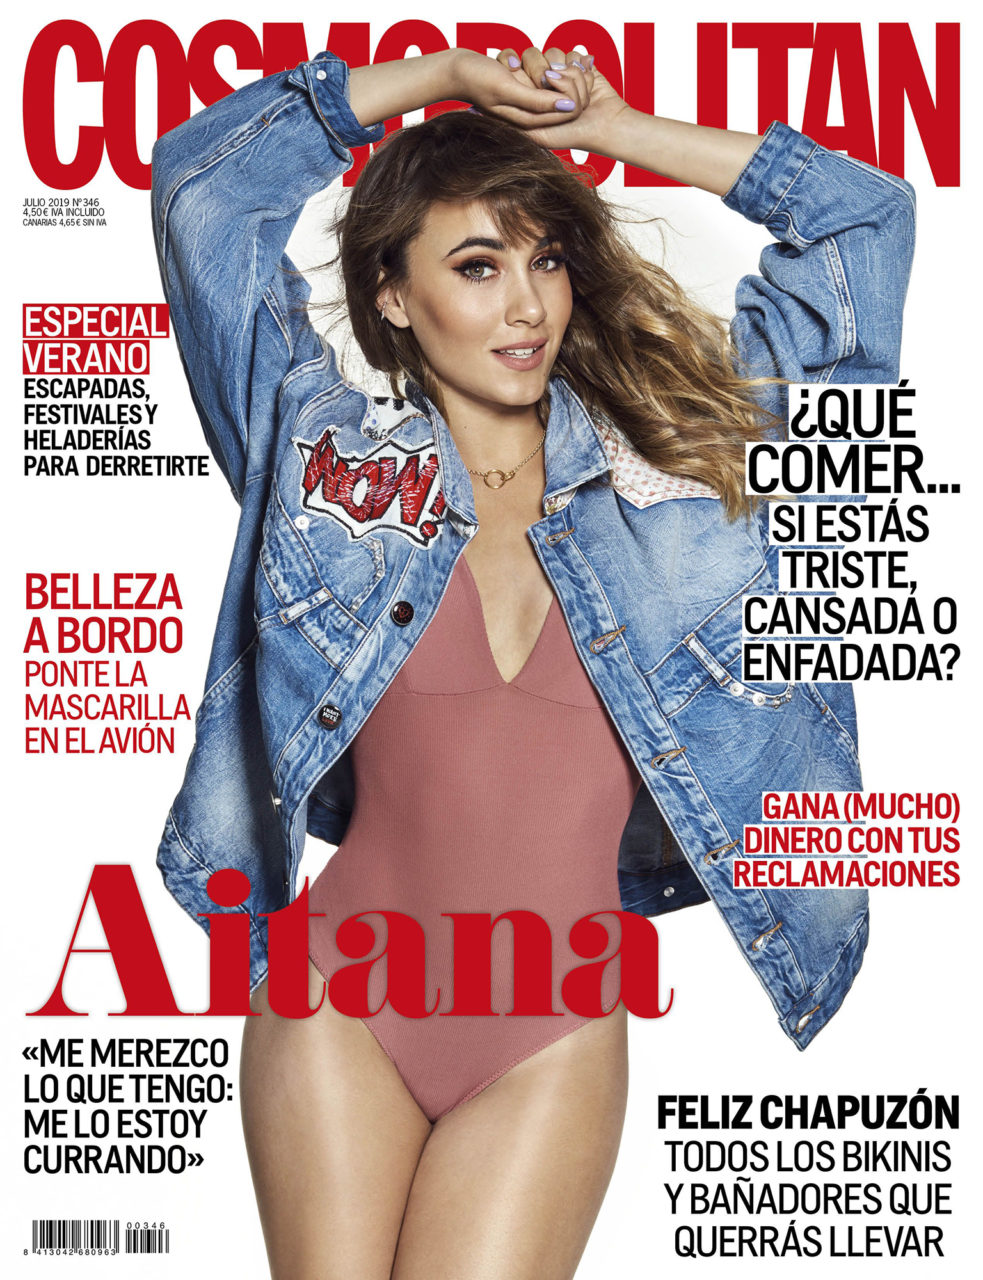 Cactus-Retouch-cover-Cosmopolitan-españa-Julio-2019